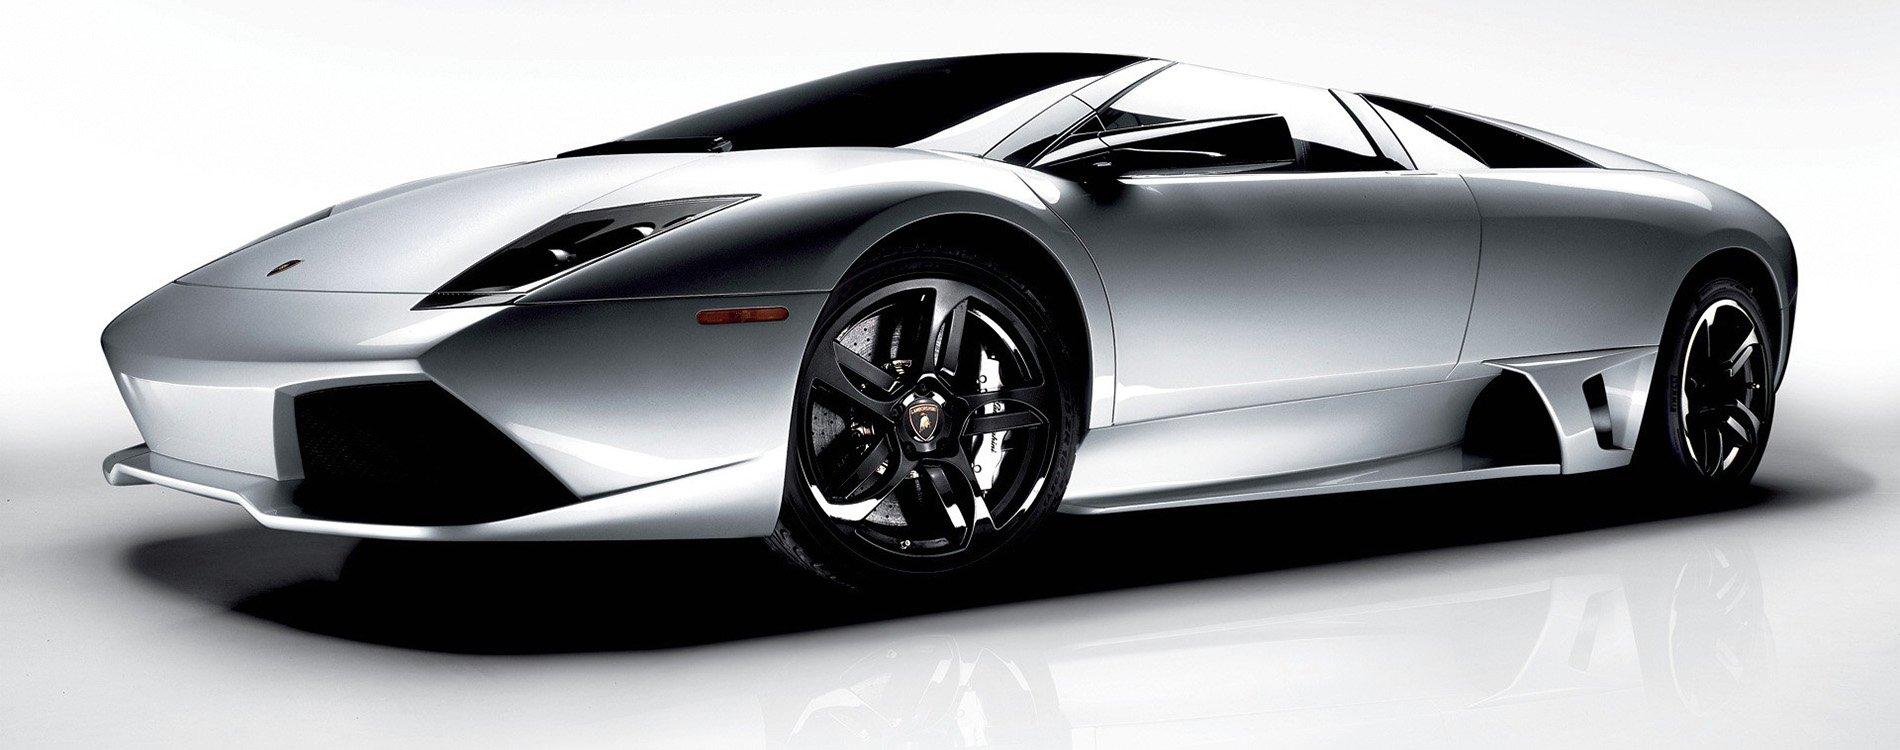 Lamborghini Murciélago, bravura en la carretera